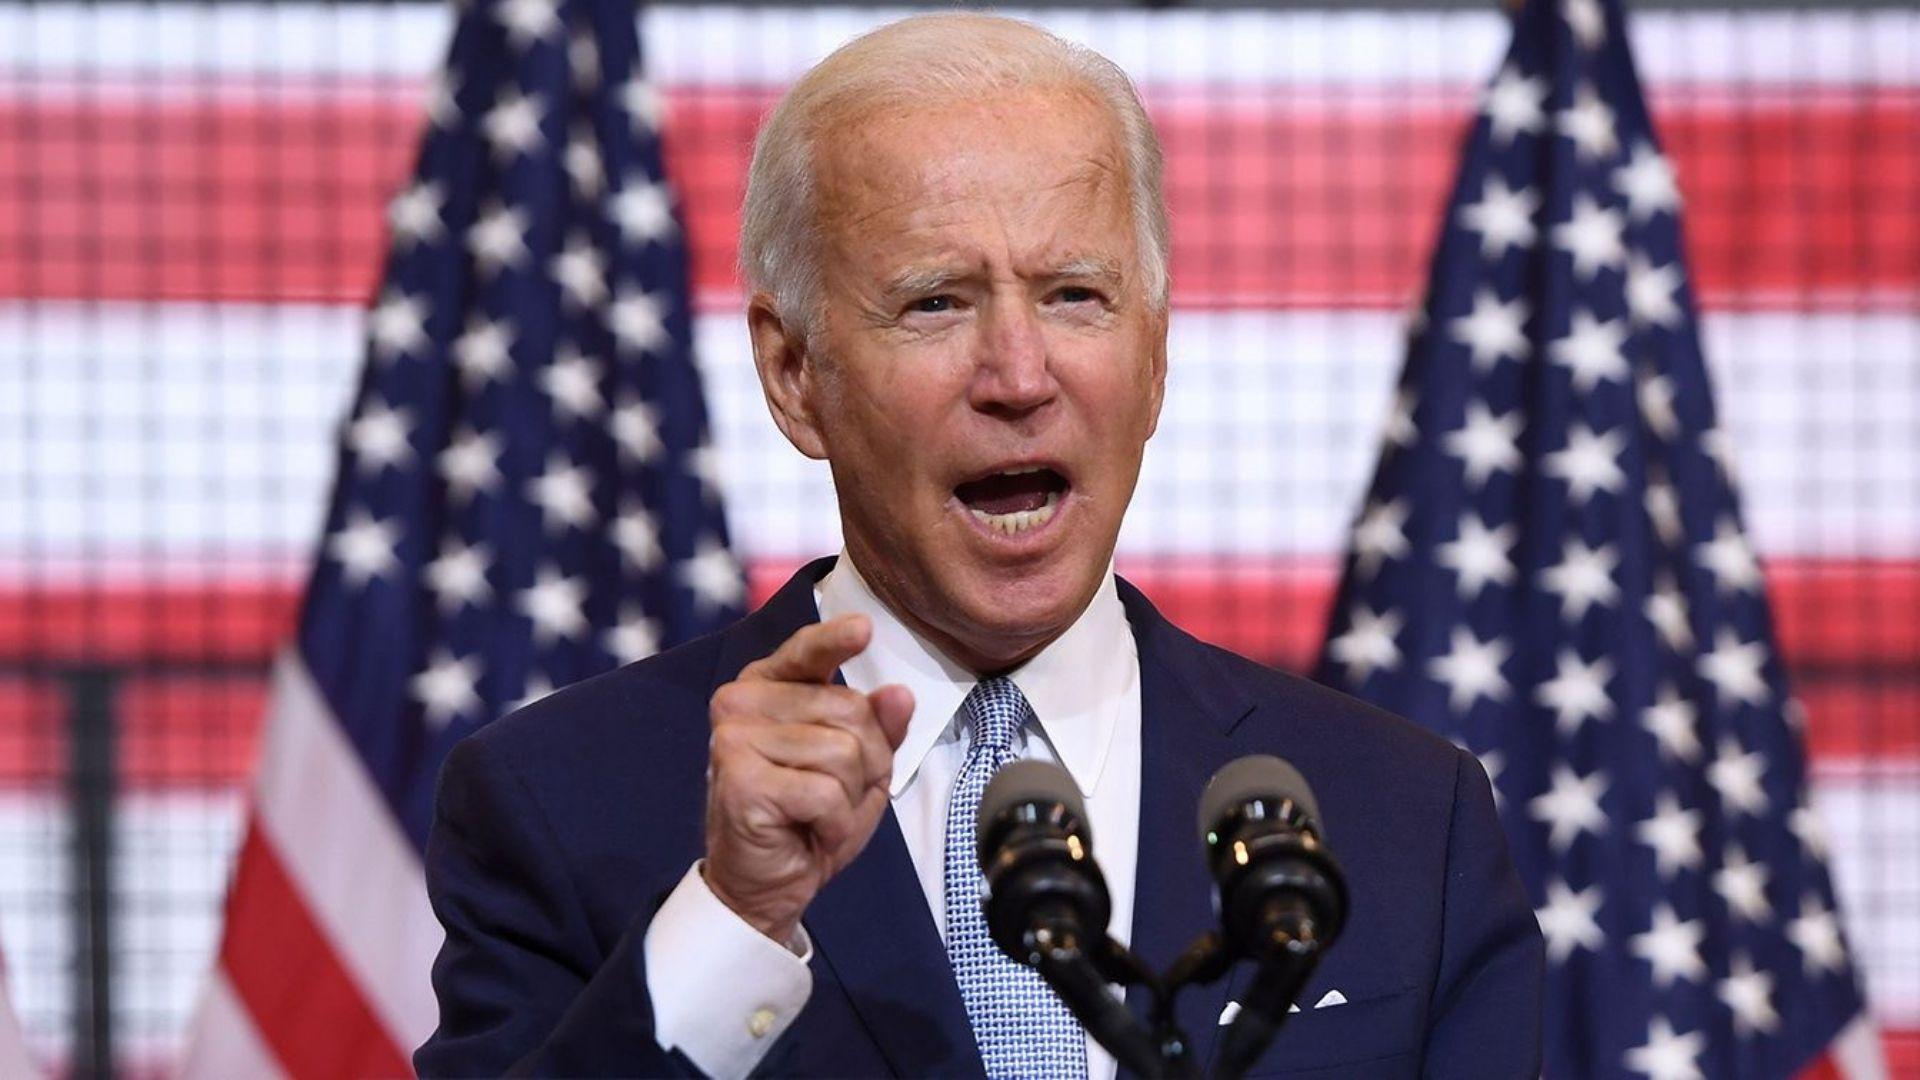 Joe Biden promete sanar y unificar a Estados Unidos